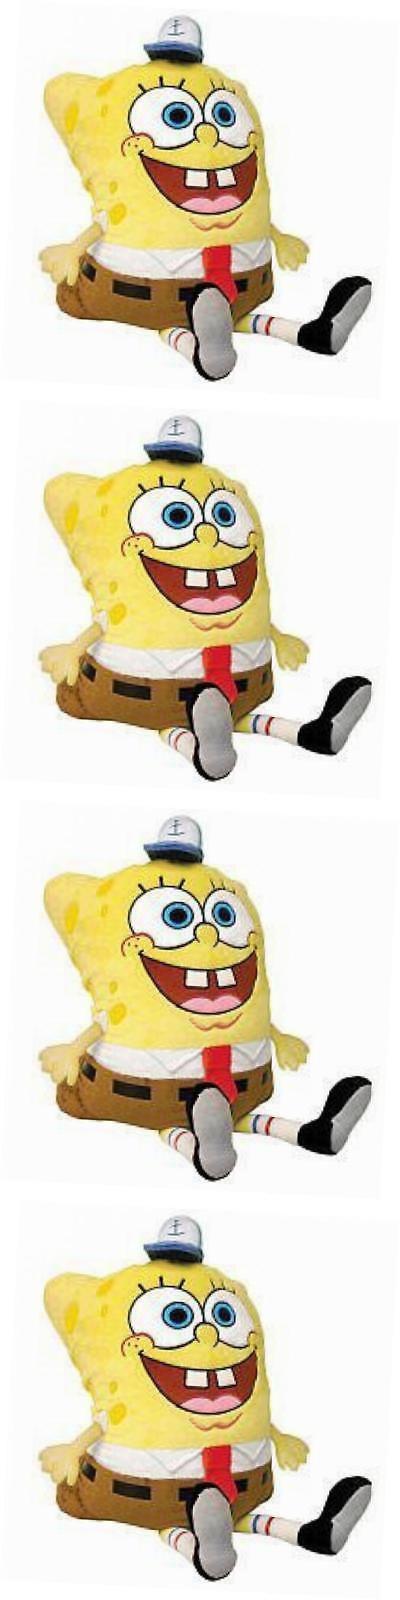 SpongeBob Squarepants 20919: , Pee Wees, Nickelodeon Spongebob Squarepants, Spongebob, 11 Inches -> BUY IT NOW ONLY: $34.74 on eBay!